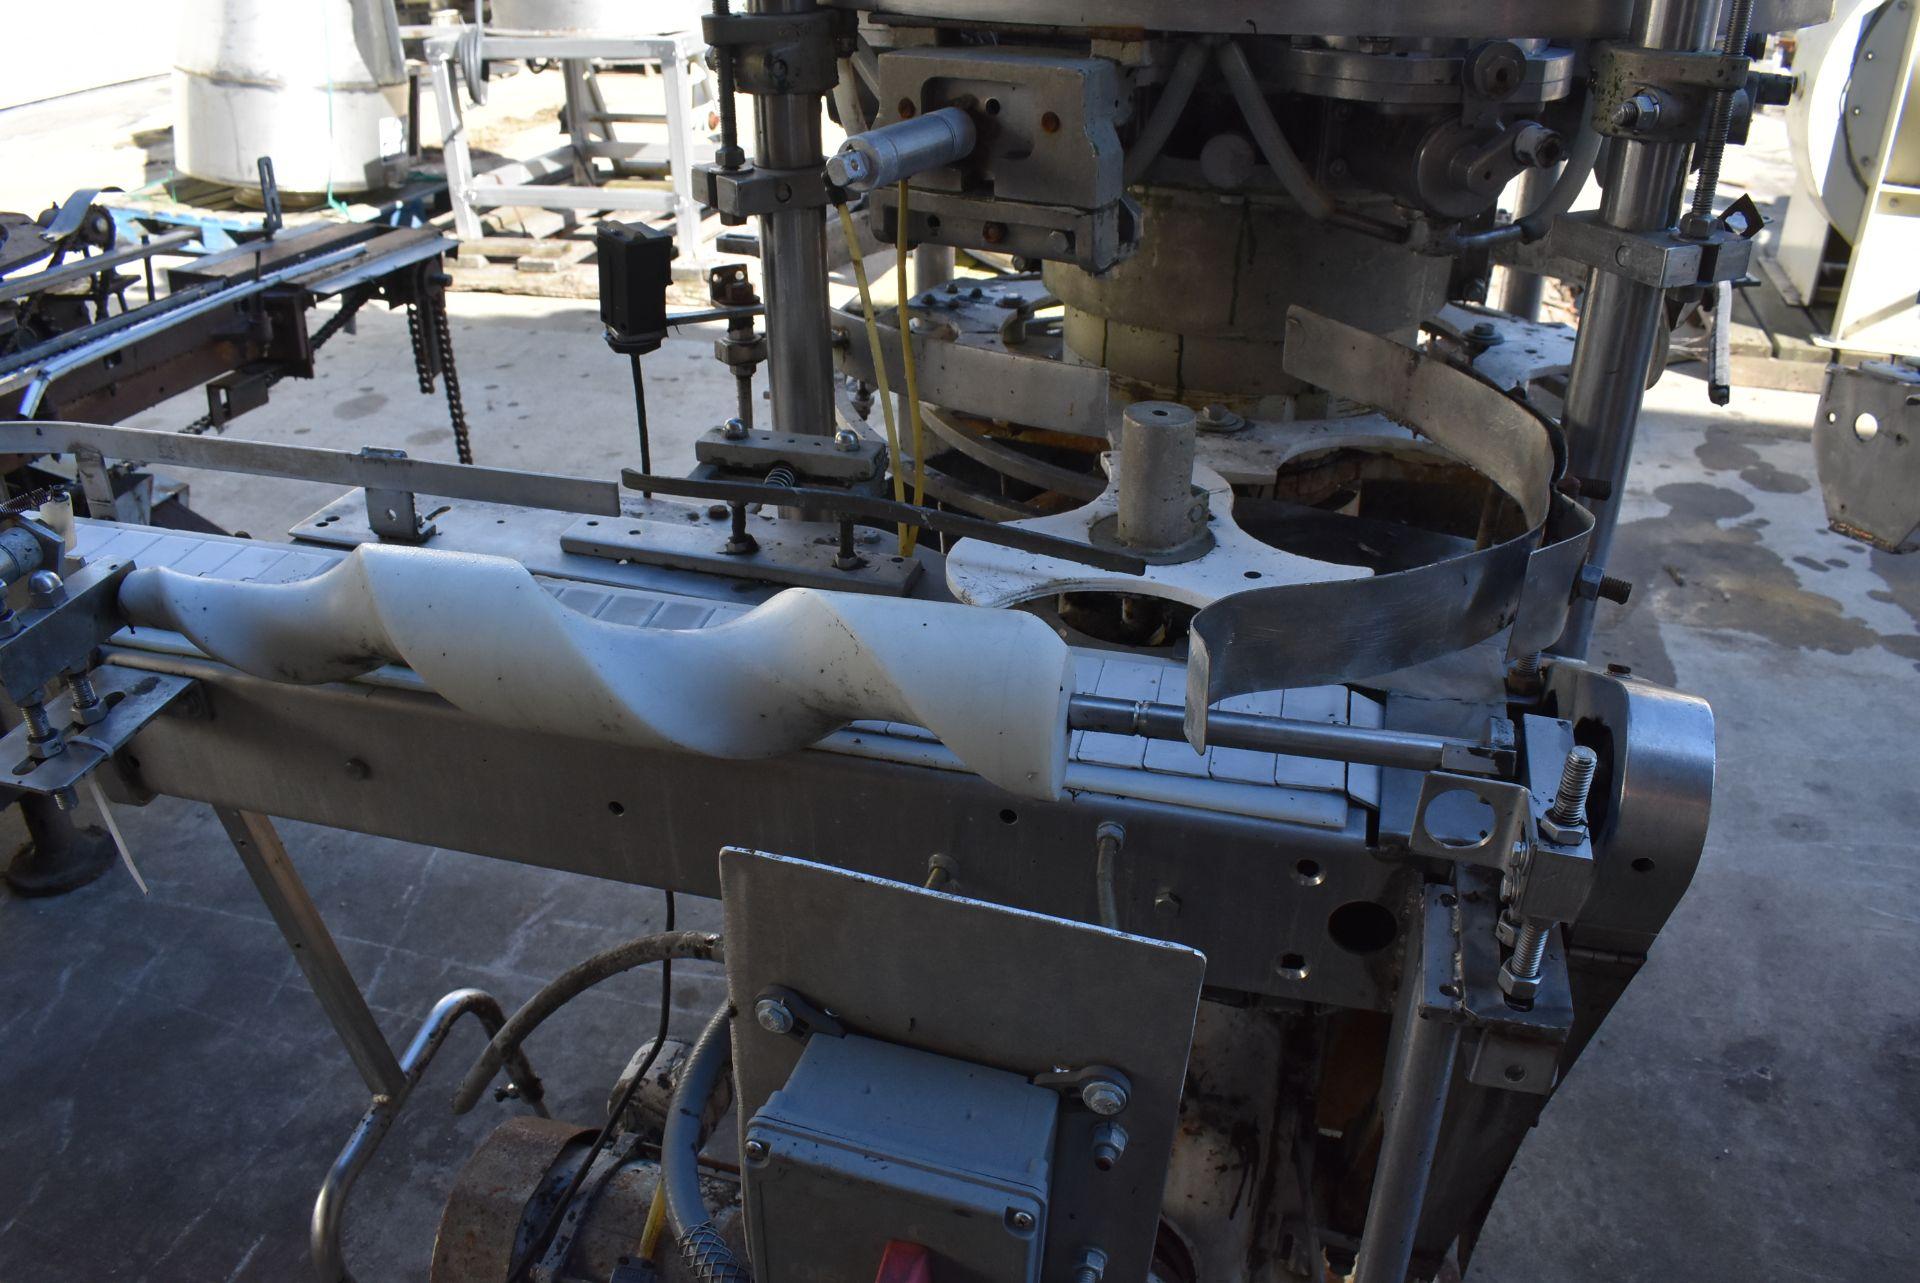 Pfaudler 7-Station Model #RP607-RH Filler, SN R579-3122 - Image 3 of 3